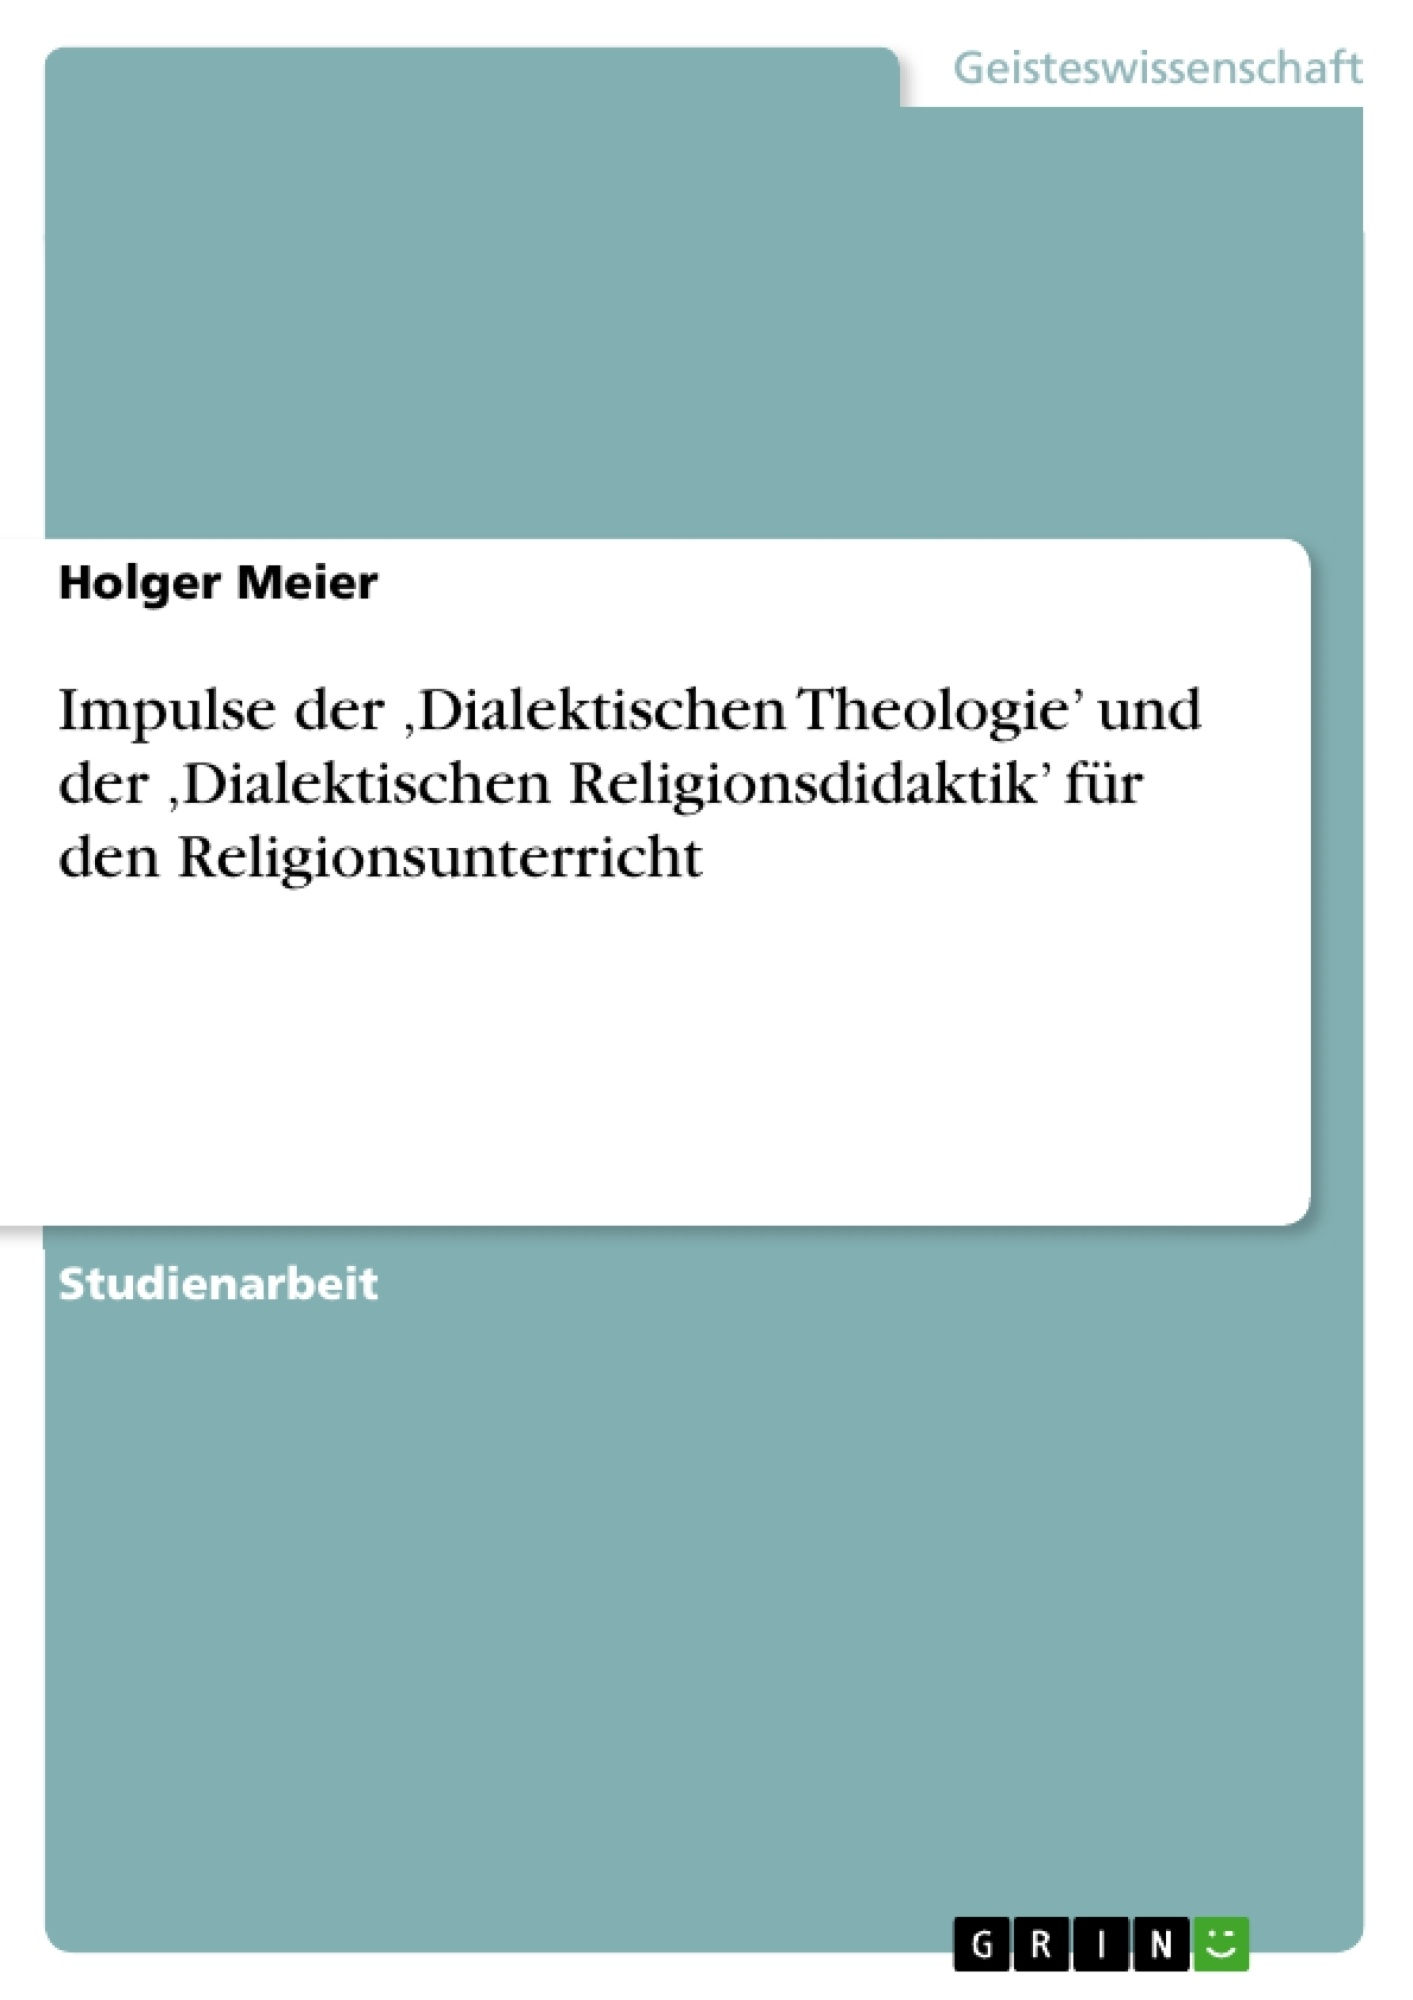 Titel: Impulse der 'Dialektischen Theologie' und der 'Dialektischen Religionsdidaktik' für den Religionsunterricht